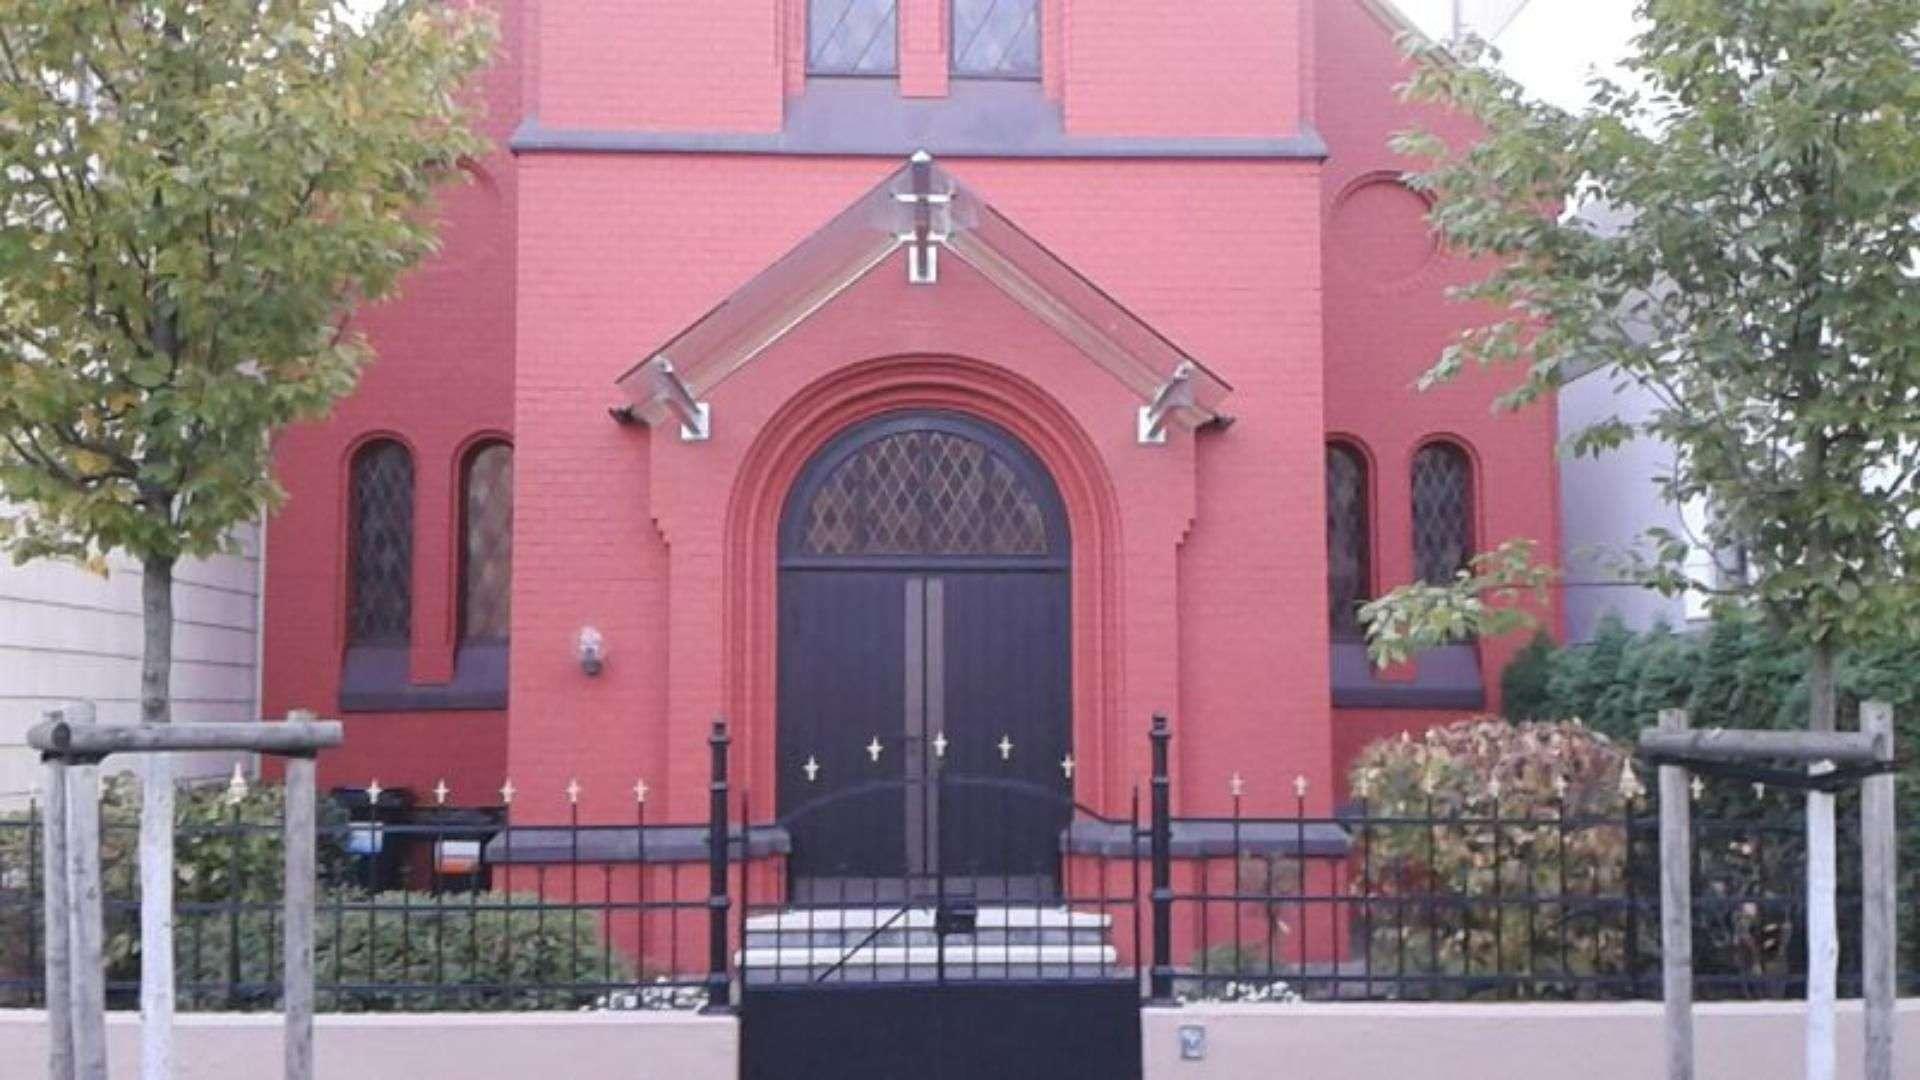 Spitzdach aus Glas als Vordach an einer Kirche